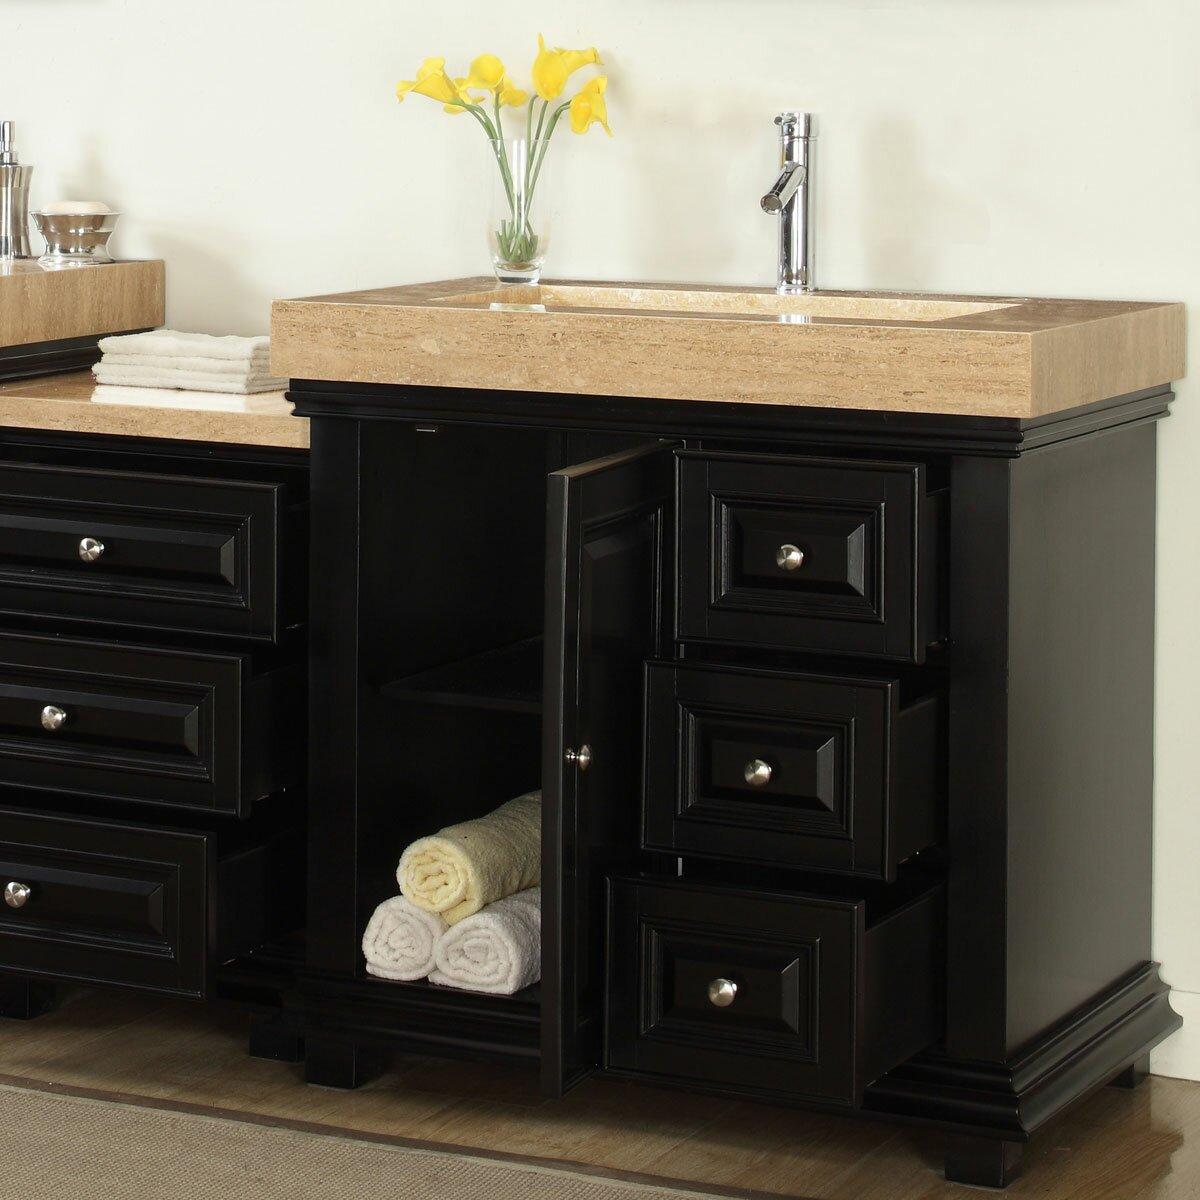 Silkroad Exclusive 90 Double Sink Modern Bathroom Vanity Set Reviews Wayfair